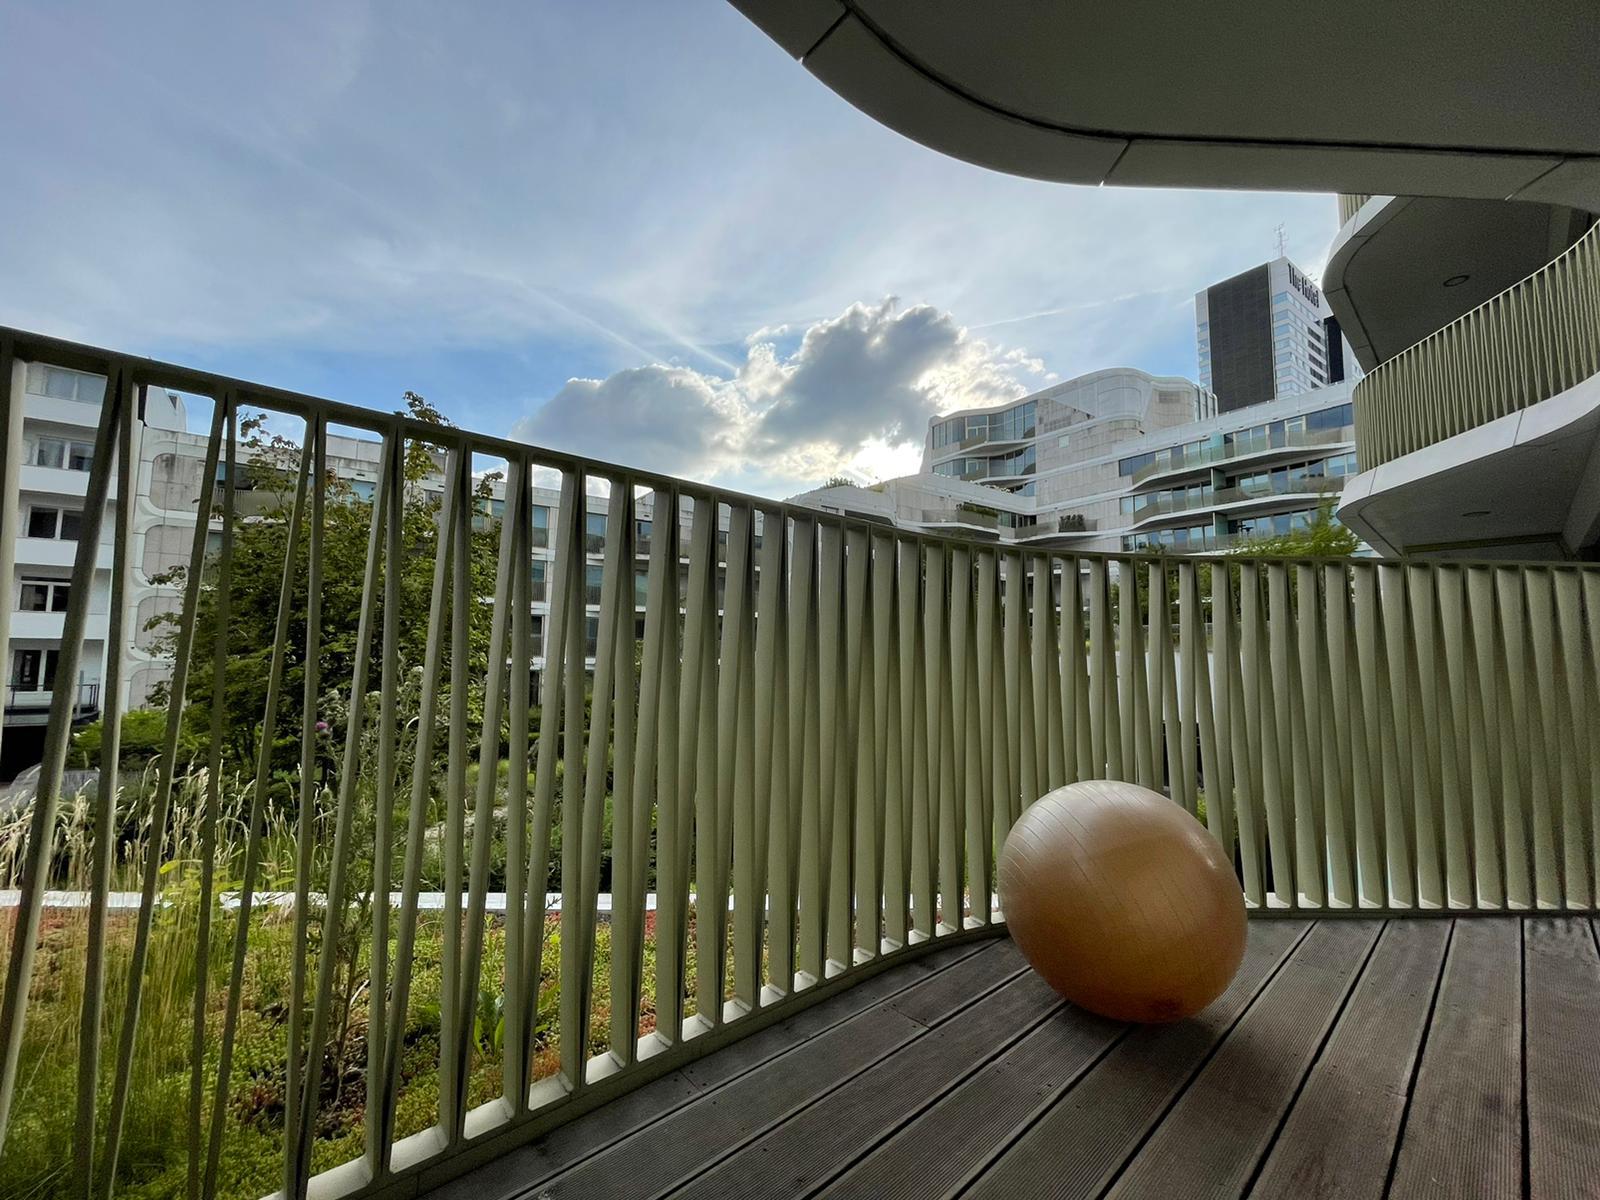 ballon suisse et parquet Airbnb